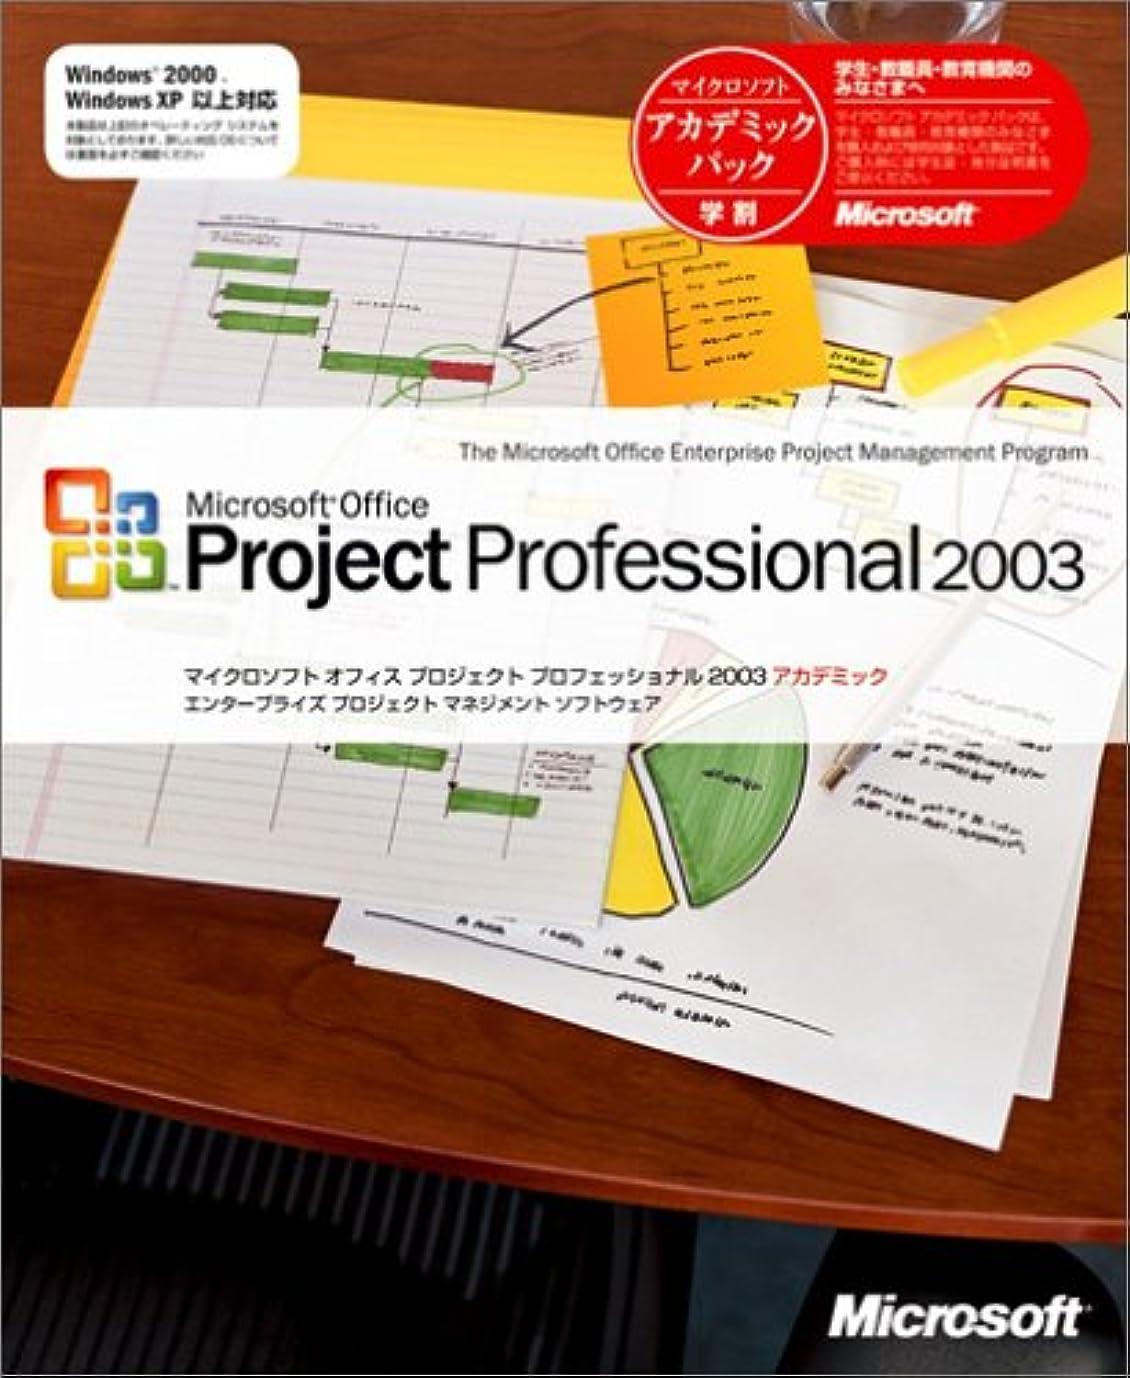 建てる不毛彫刻【旧商品/サポート終了】Microsoft Project Professional 2003 アカデミック